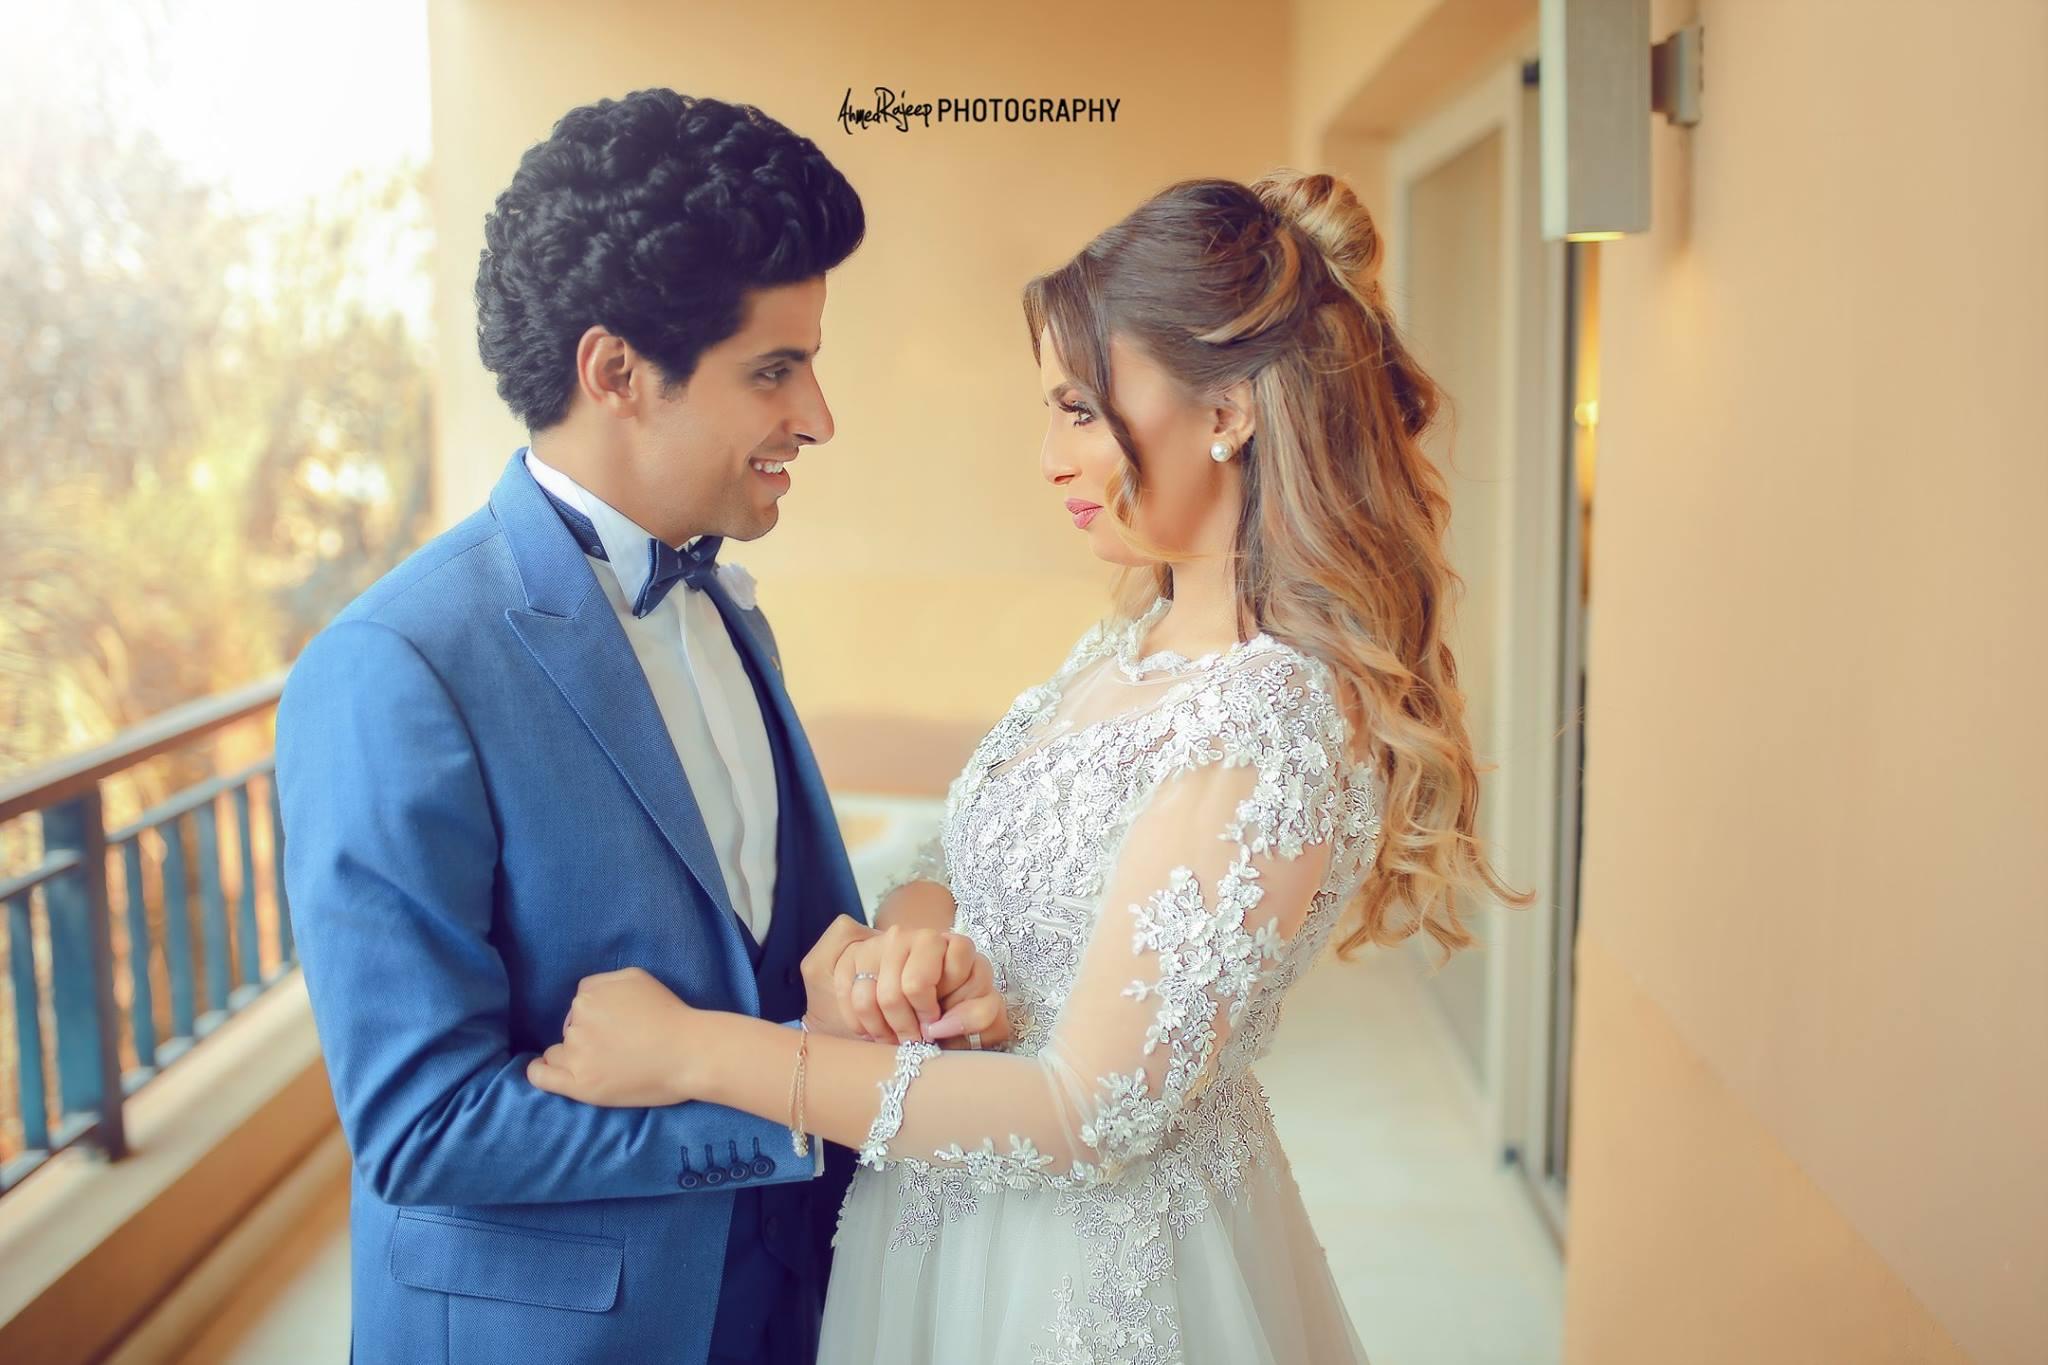 جلسة تصوير حفل زفاف حمدى الميرغنى واسراء عبد الفتاح (10)